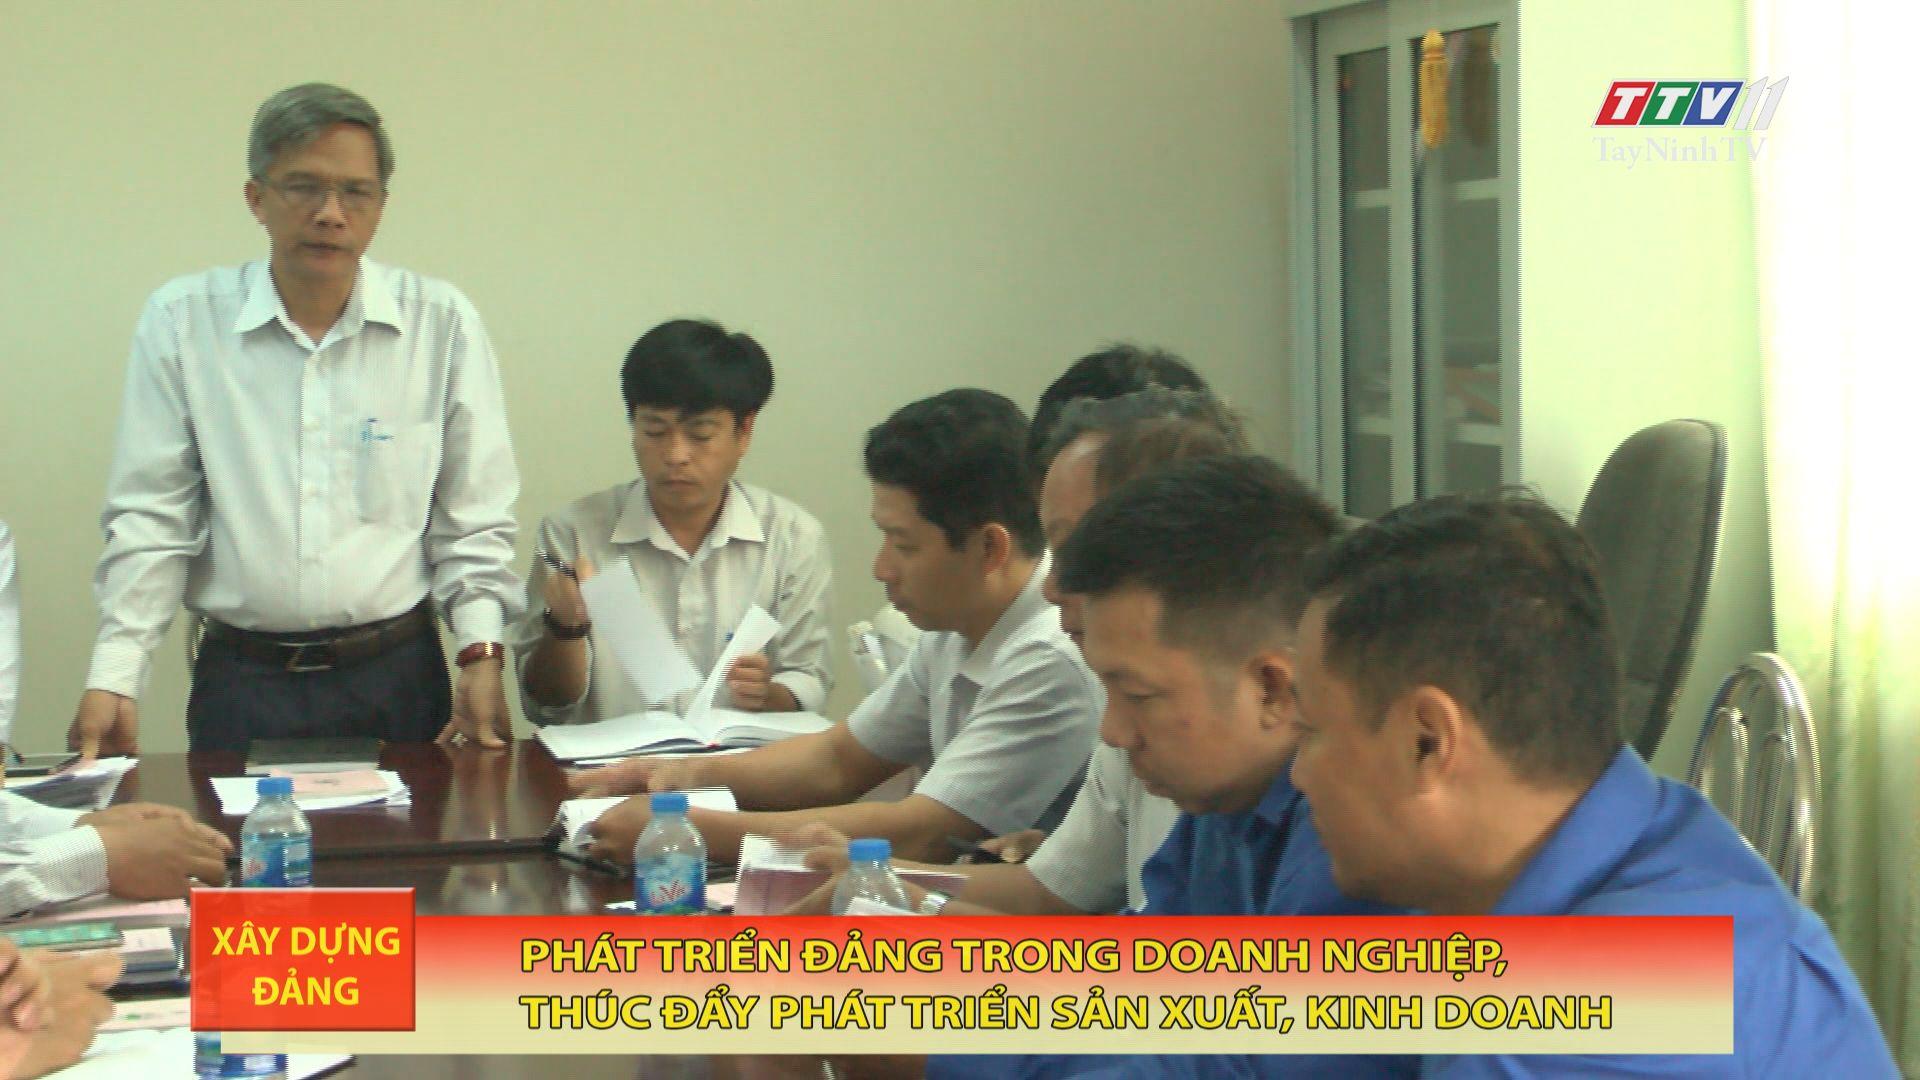 Phát triển đảng trong doanh nghiệp, thúc đẩy phát triển sản xuất, kinh doanh | TayNinhTV